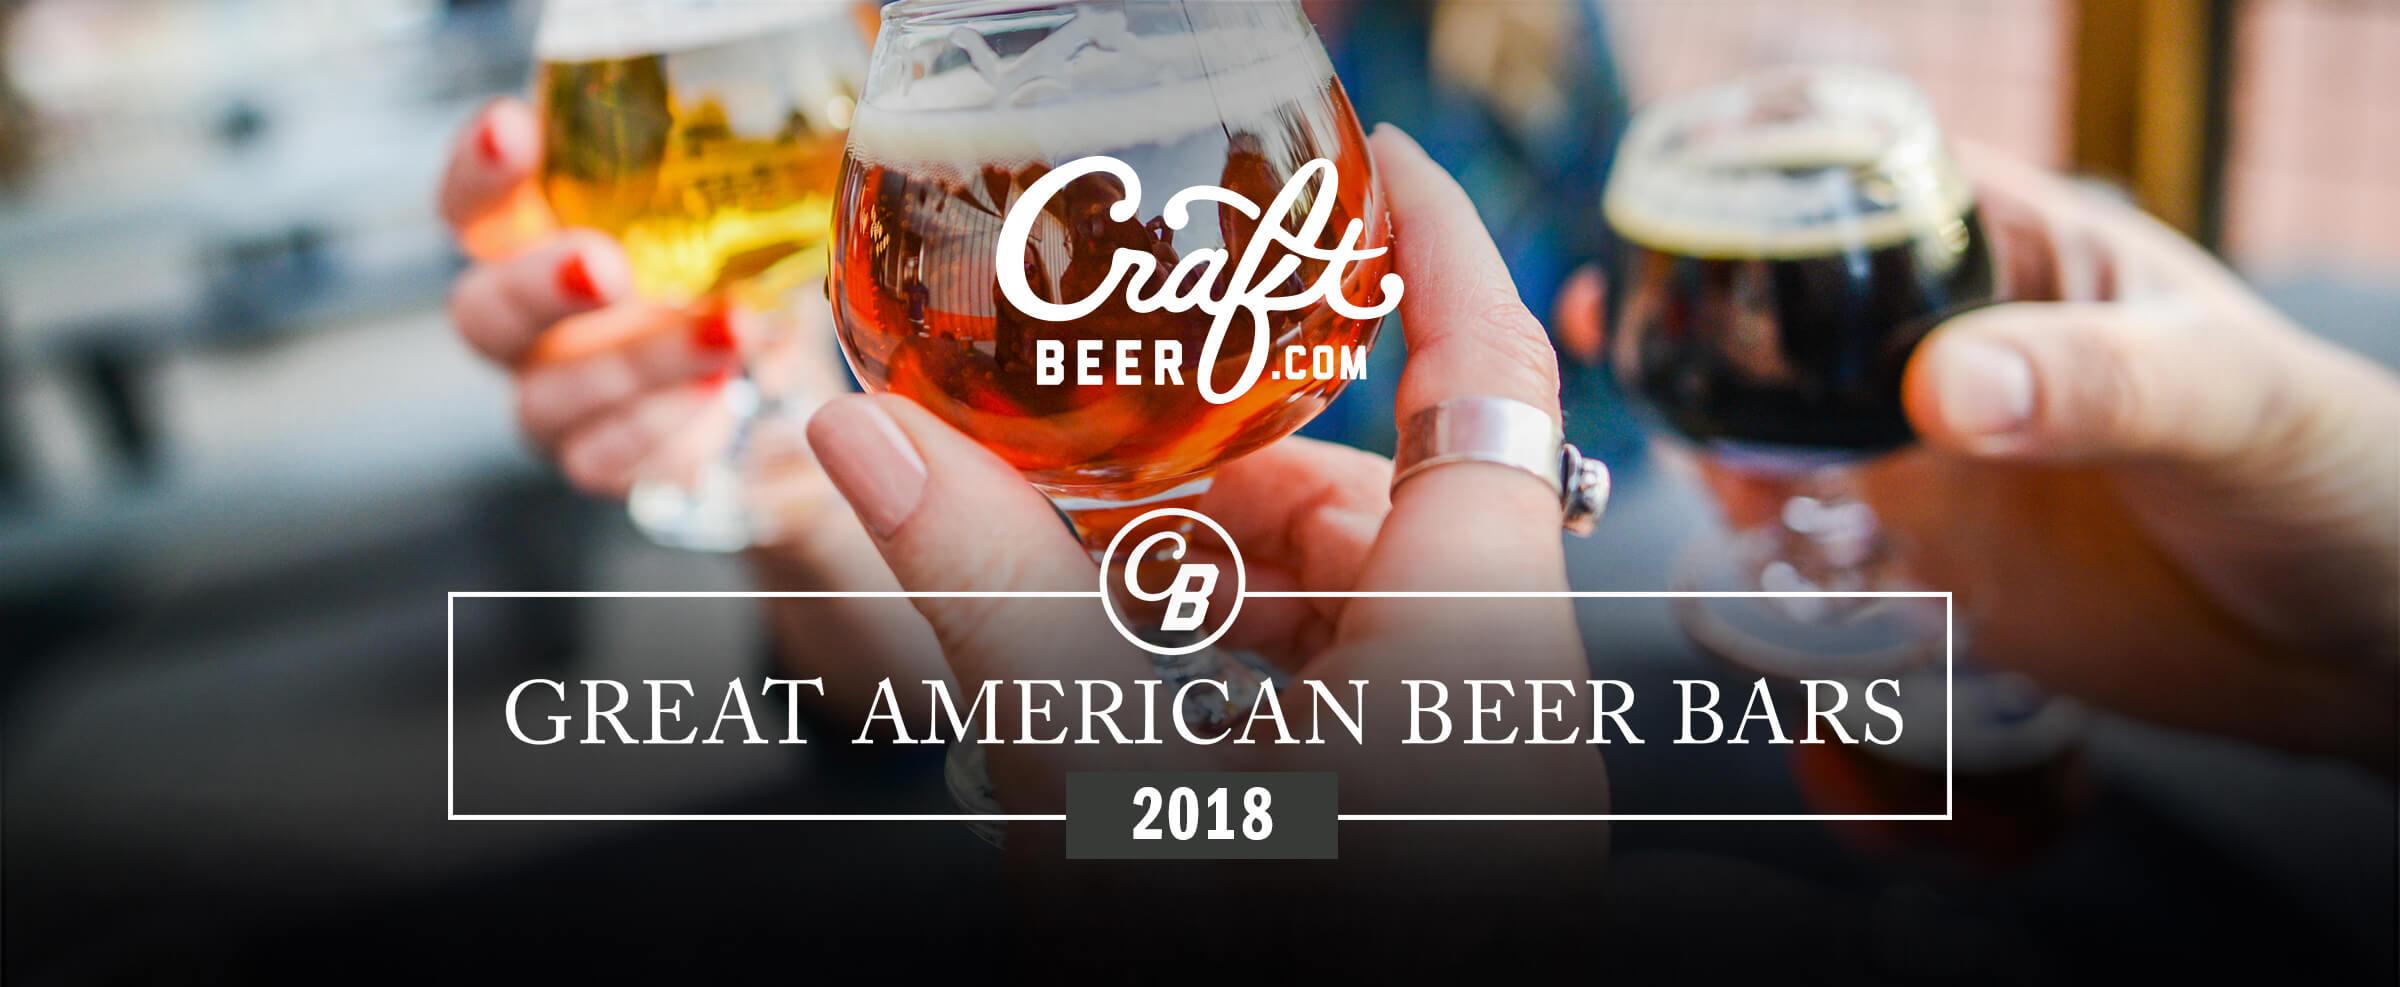 Top Beer Bars in U.S. as Voted by CraftBeer.com Readers ...